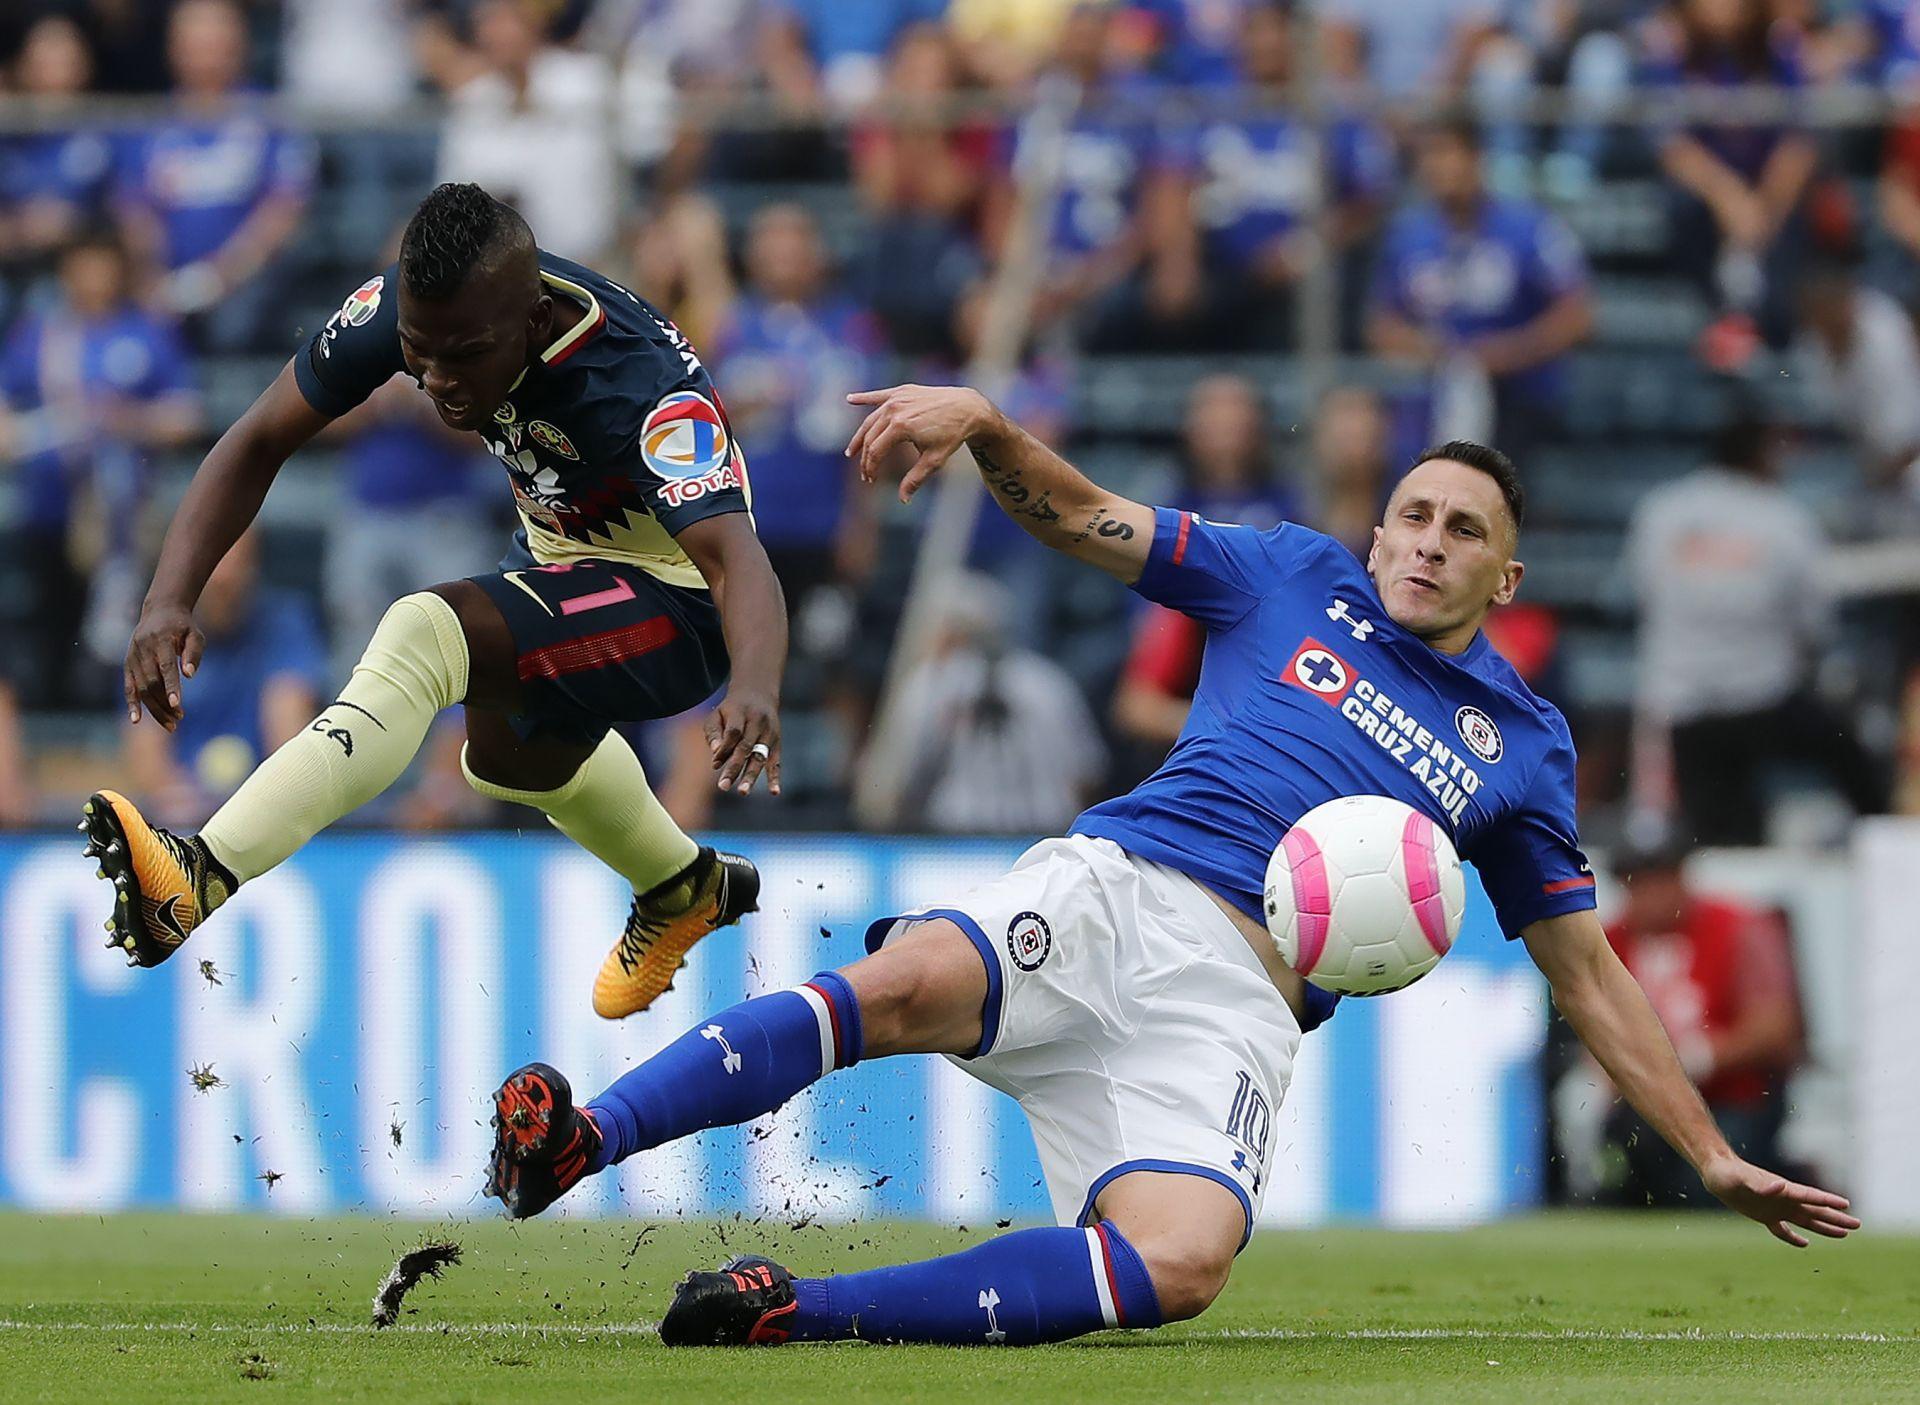 El jugador de Cruz Azul Christian Giménez (d) disputa el balón con Carlos Quintero (i) del América, sábado 14 de octubre de 2017, durante un partido correspondiente a la jornada 13 de la liga mexicana de fútbol disputado en el estadio Azul de la Ciudad de México (México).